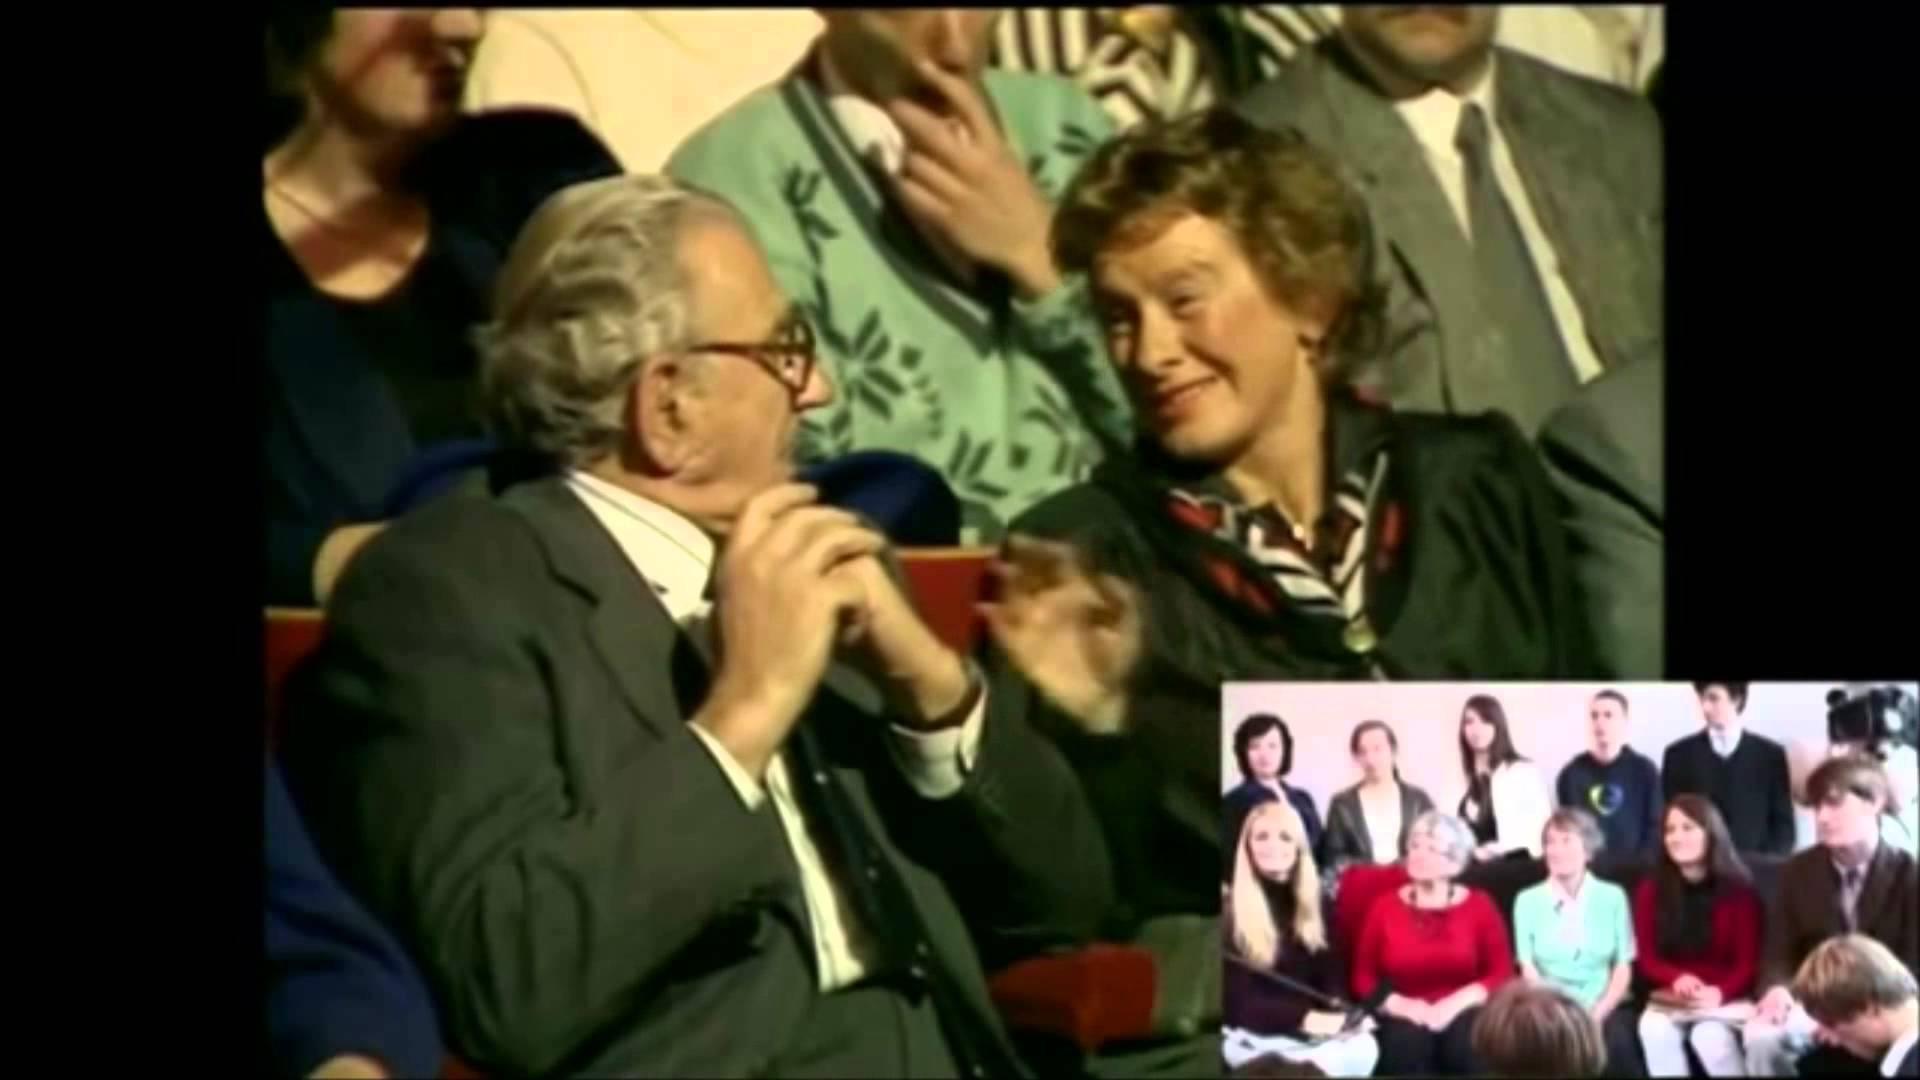 Onderscheiding voor Brit die honderden Joodse kinderen redde